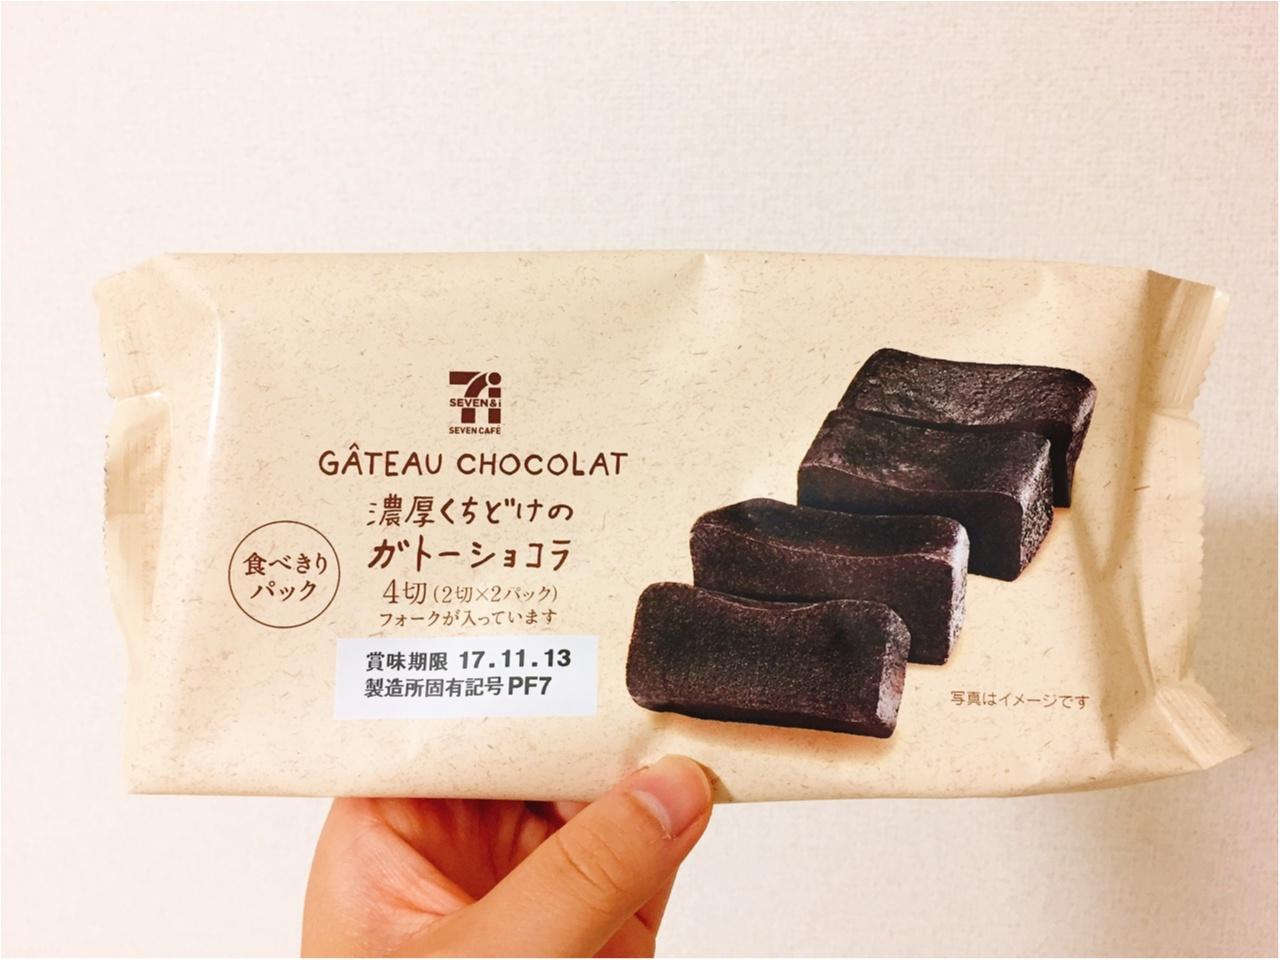 濃厚!ガトーショコラが【セブンイレブン】で買えちゃうって噂!!_2